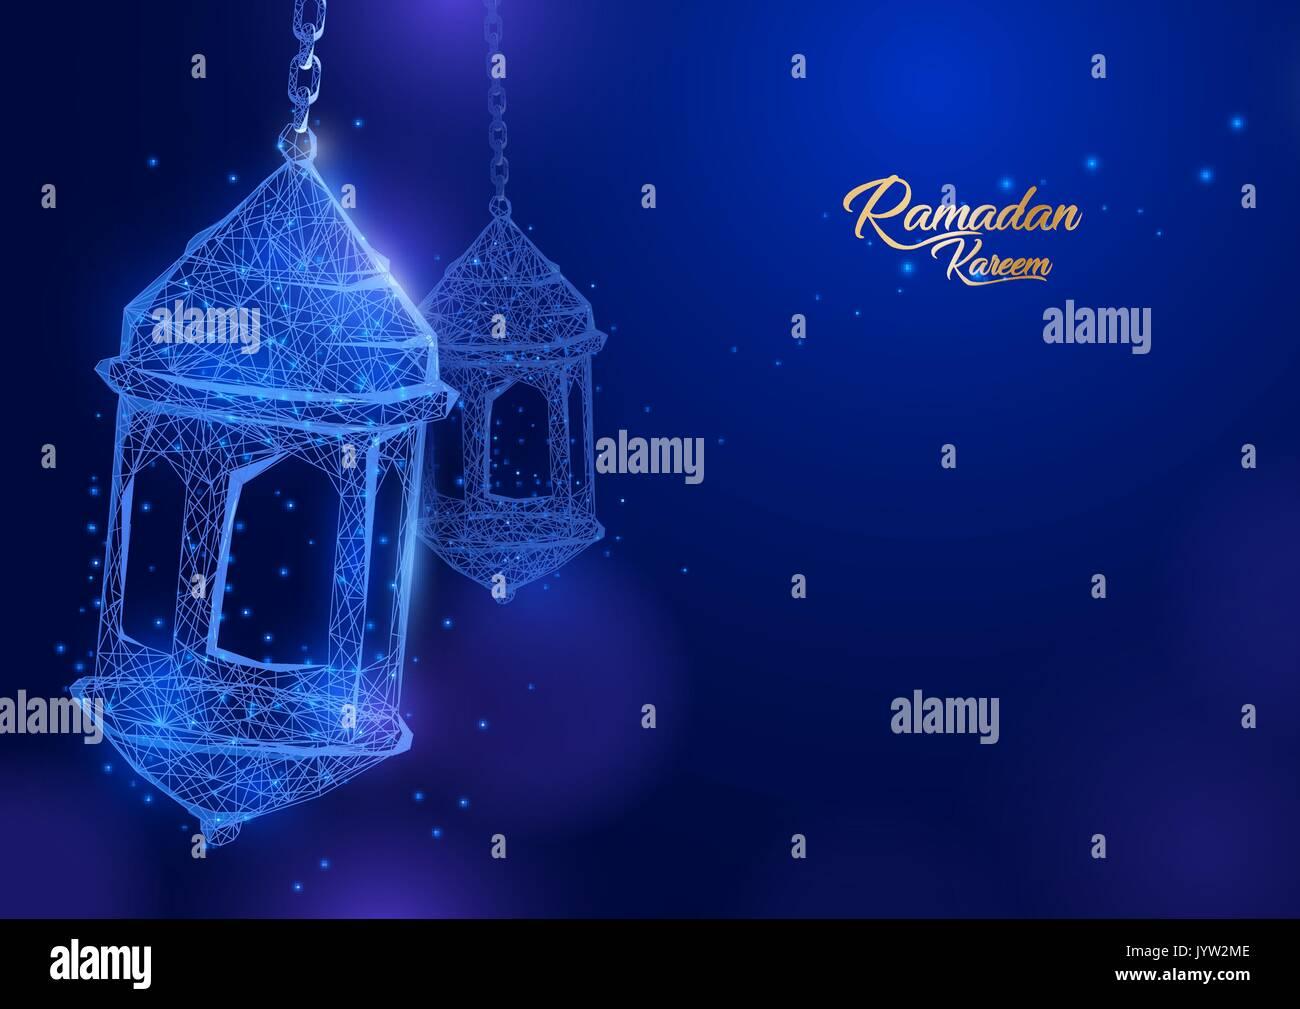 Wonderful Official Eid Al-Fitr Greeting - ramadan-lantern-form-of-a-starry-sky-eid-al-fitr-greeting-card-on-JYW2ME  You Should Have_605436 .jpg